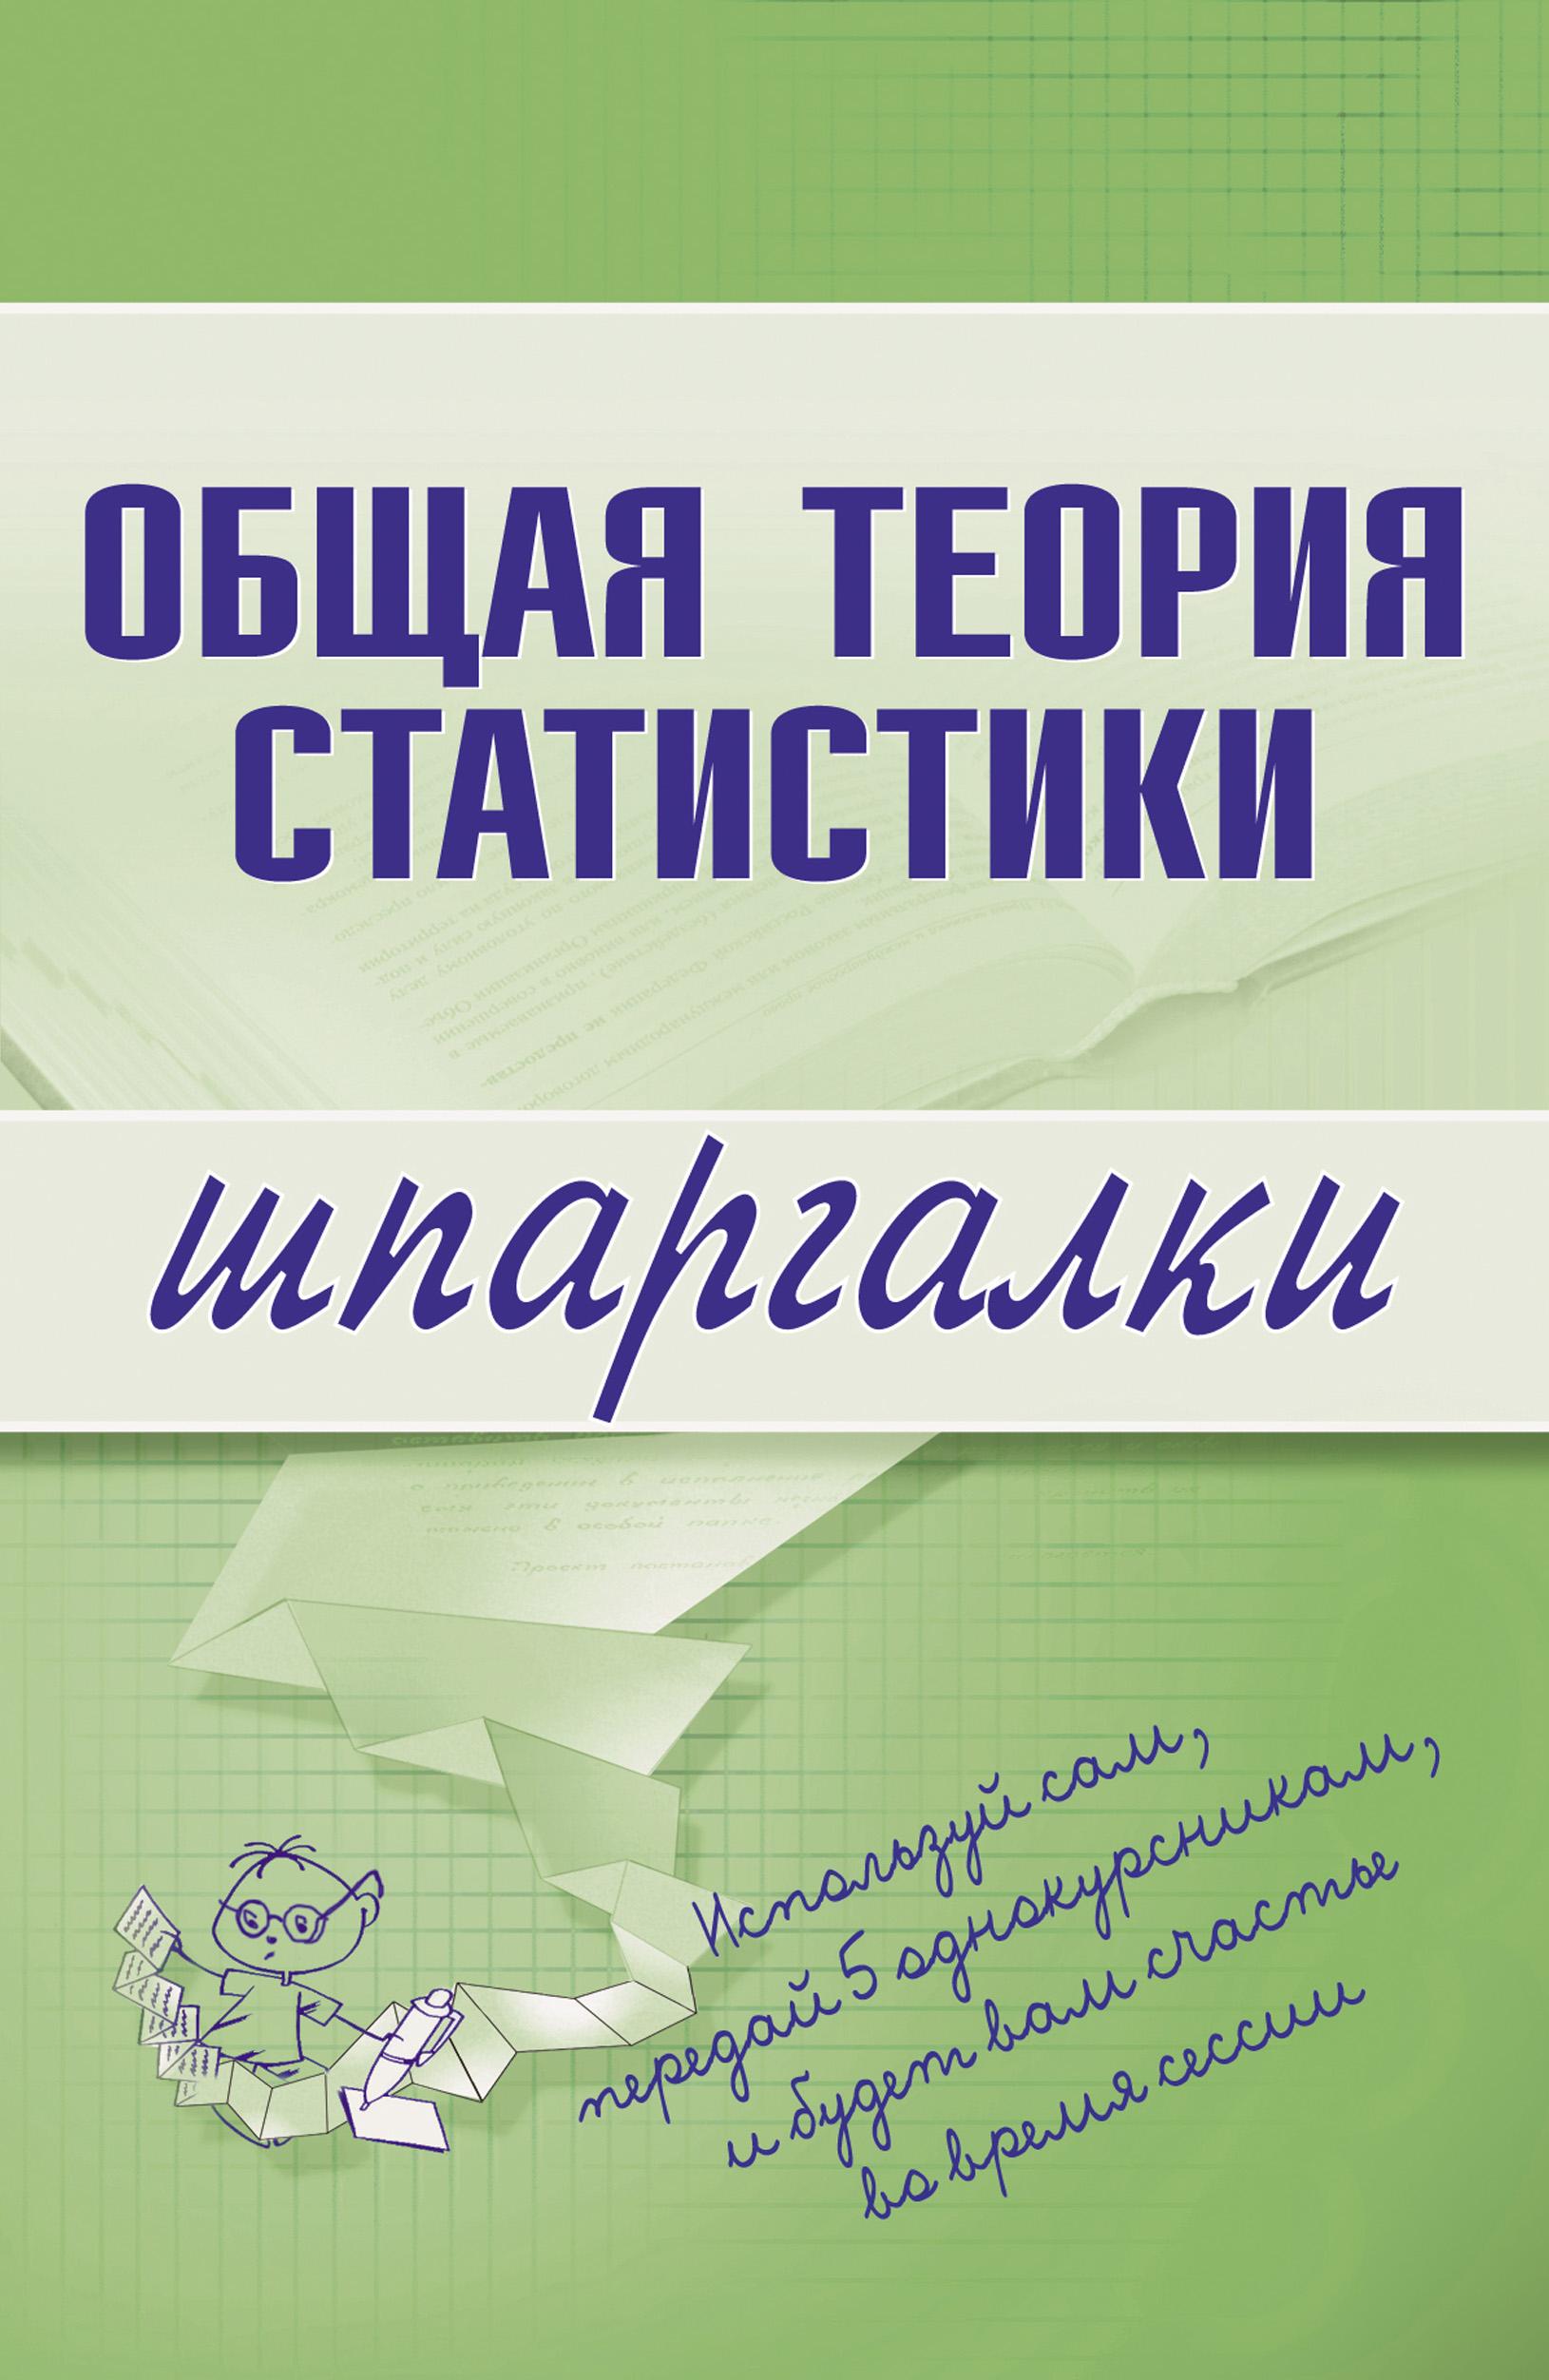 Л. В. Щербина Общая теория статистики с н лысенко и а дмитриева общая теория статистики учебное пособие